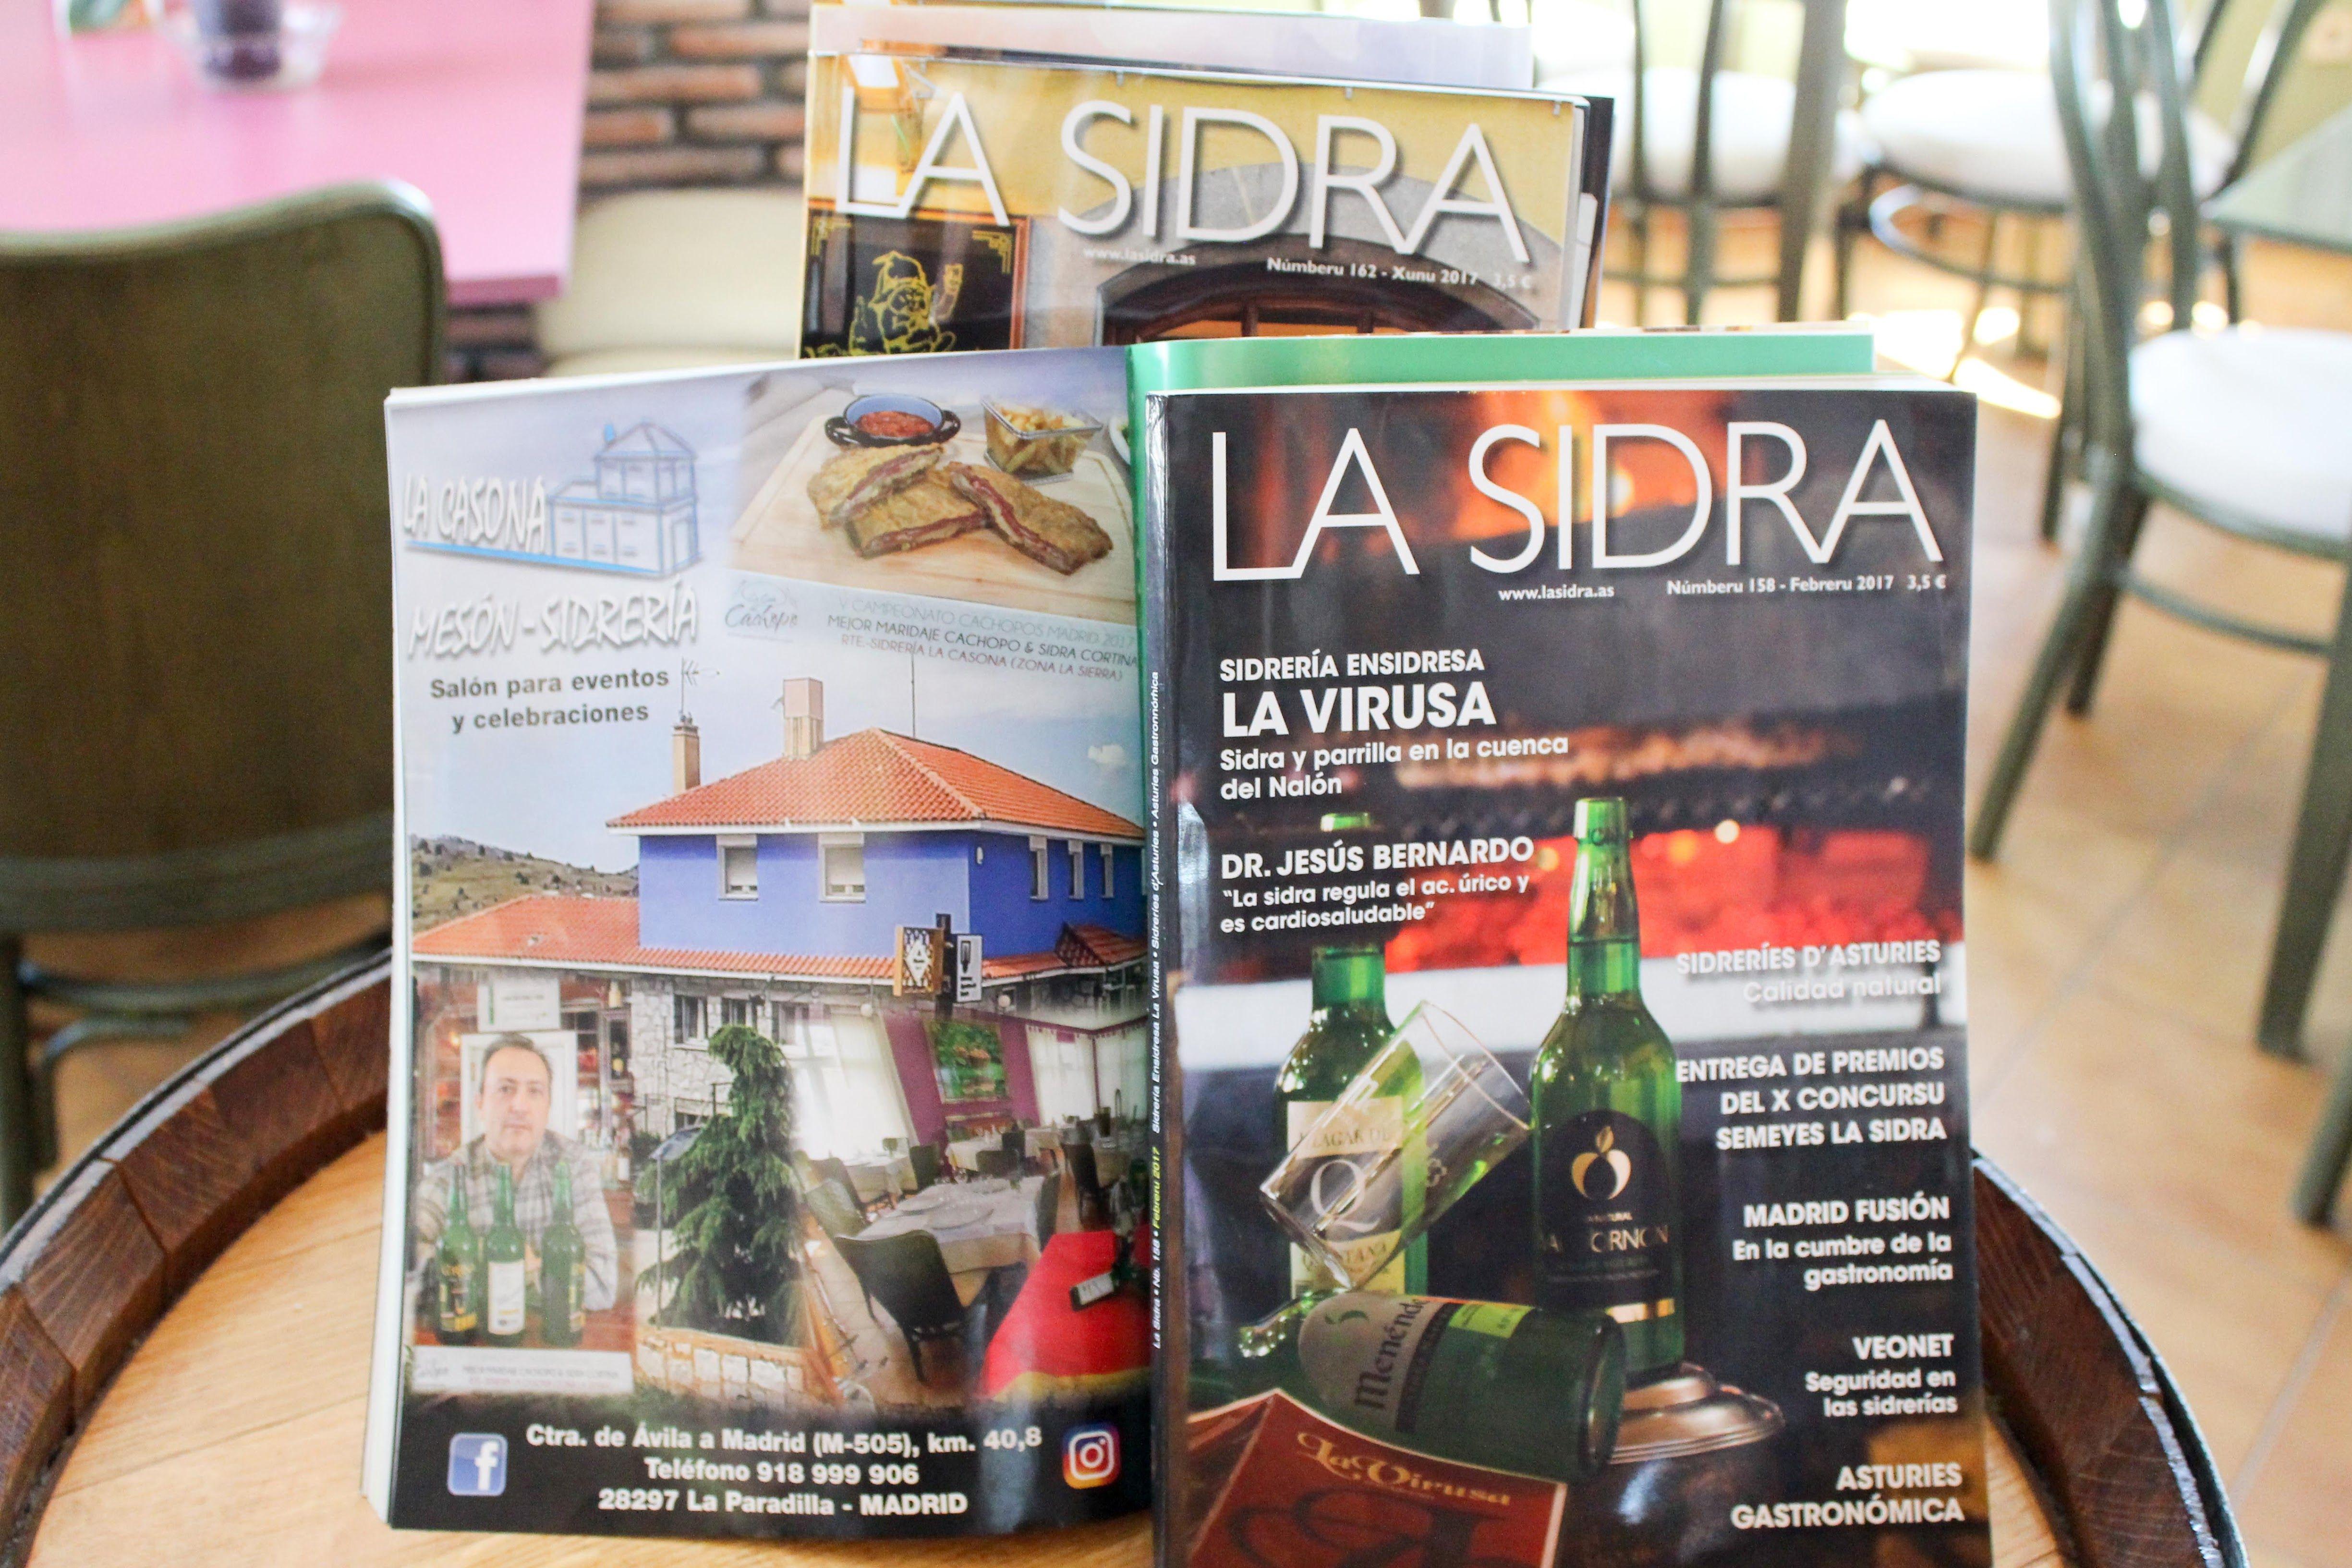 Foto 5 de Cocina asturiana en (La Paradilla)  | Restaurante Sidrería La Casona